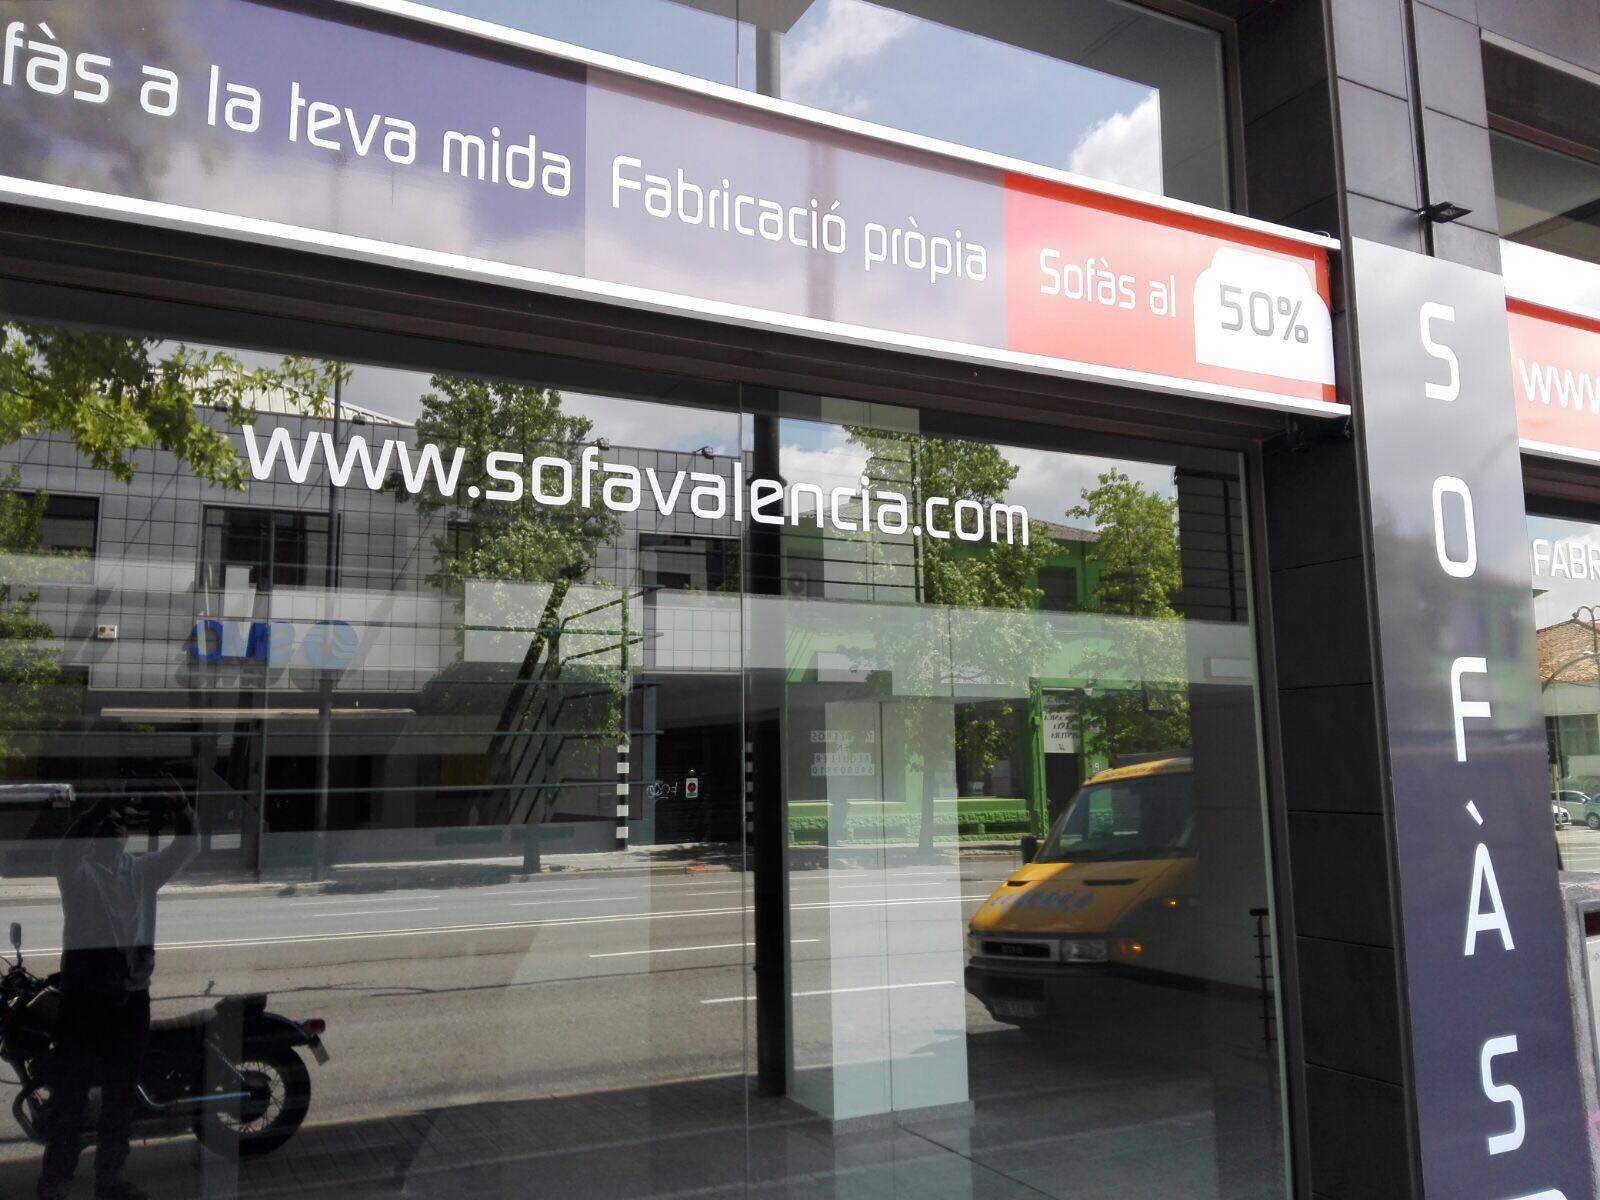 Nueva tienda de sof s en sabadell sof s valencia - Sofas valencia alberic ...